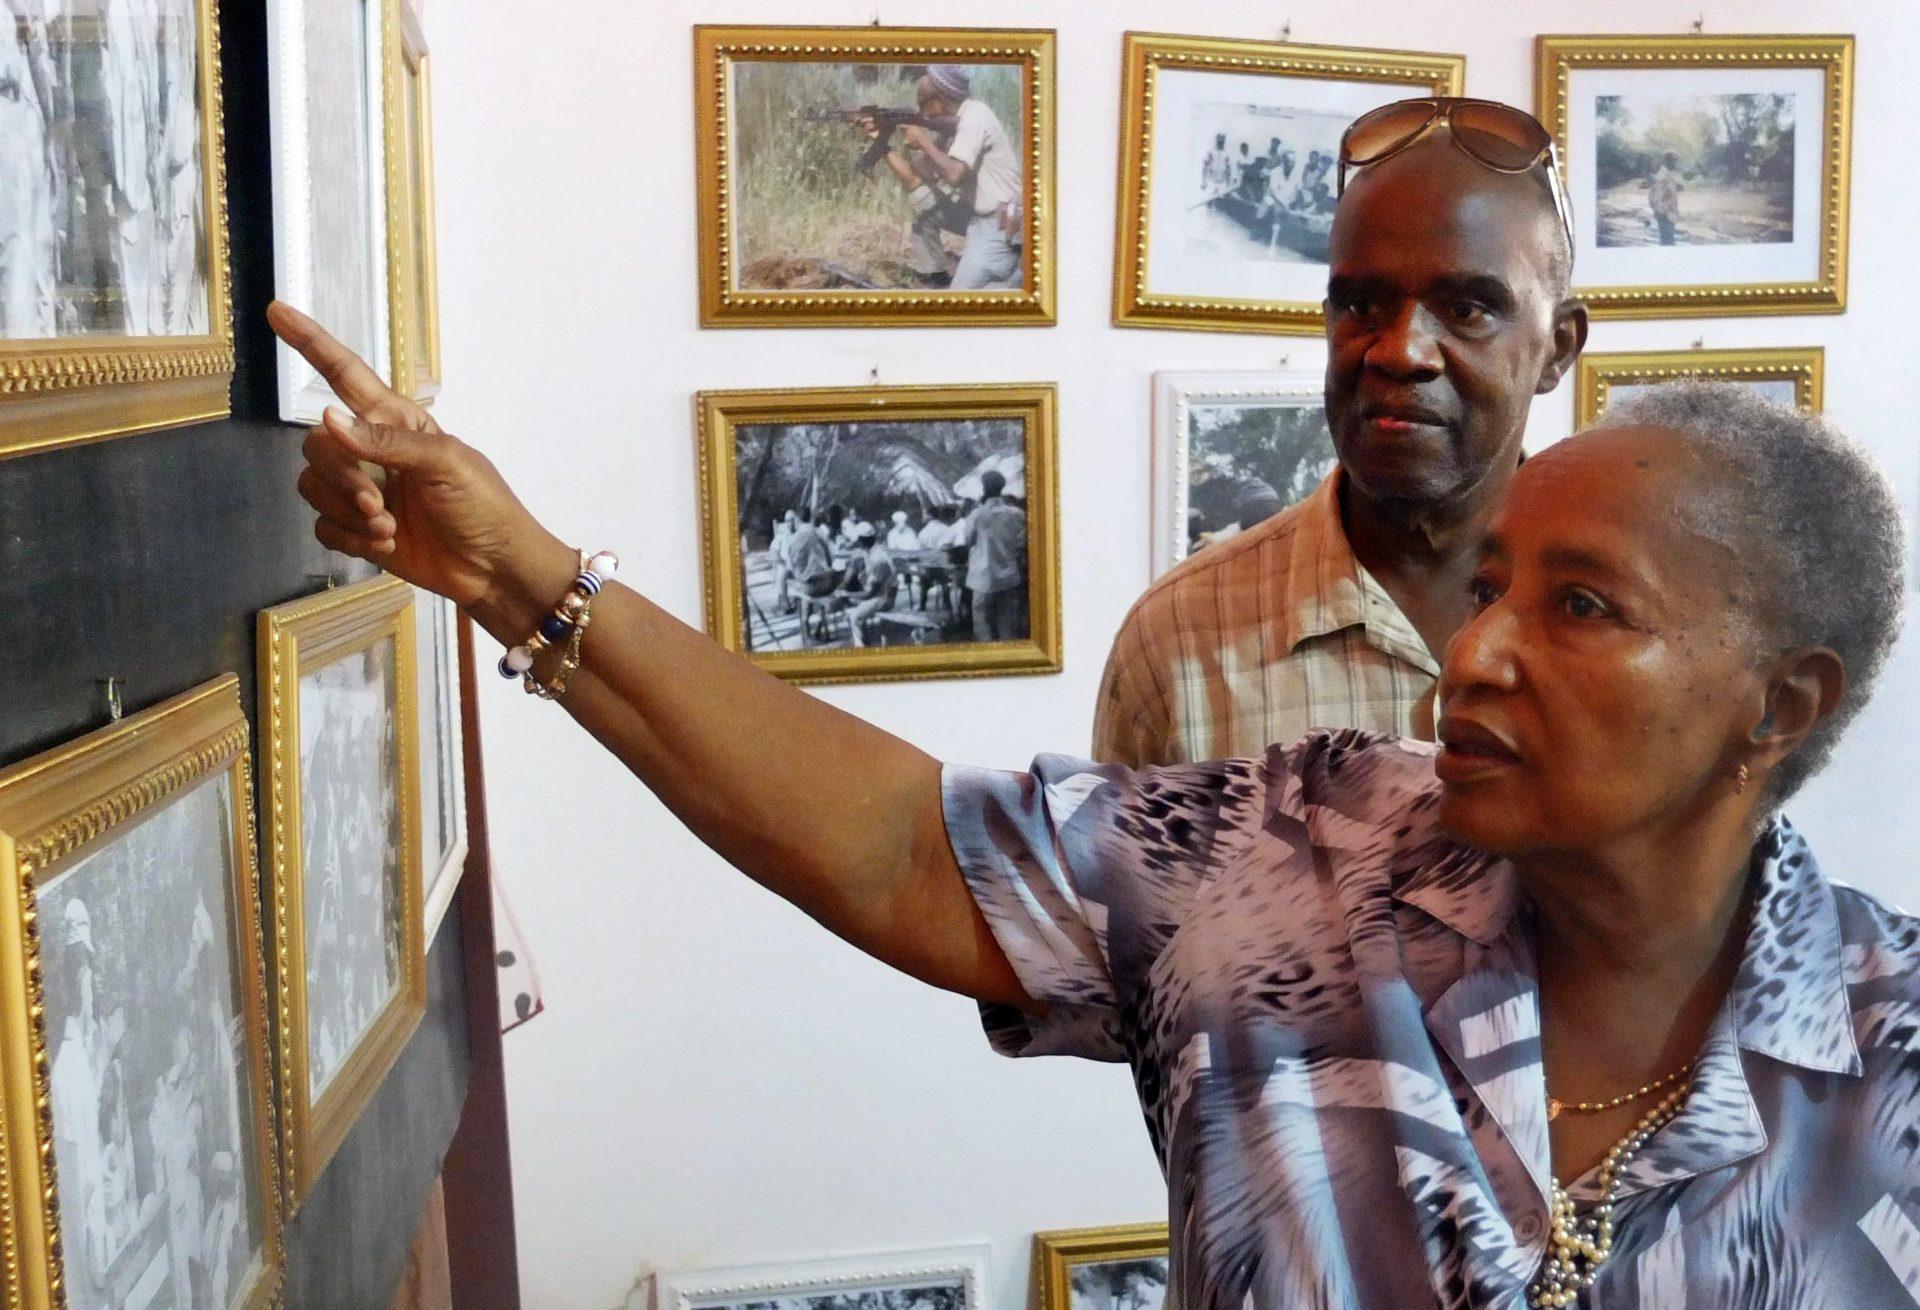 A declaração de Independência da Guiné-Bissau esteve quase para acontecer no dia de aniversário de Carmen Pereira, a única mulher que estava na mesa de proclamação, em 1973 e Juvêncio Gomes, segundo secretário, são os dois únicos membros vivos da primeira mesa da ANP, o parlamento guineense. Bissau 12 de junho de 2015. LUÍS FONSECA / LUSA